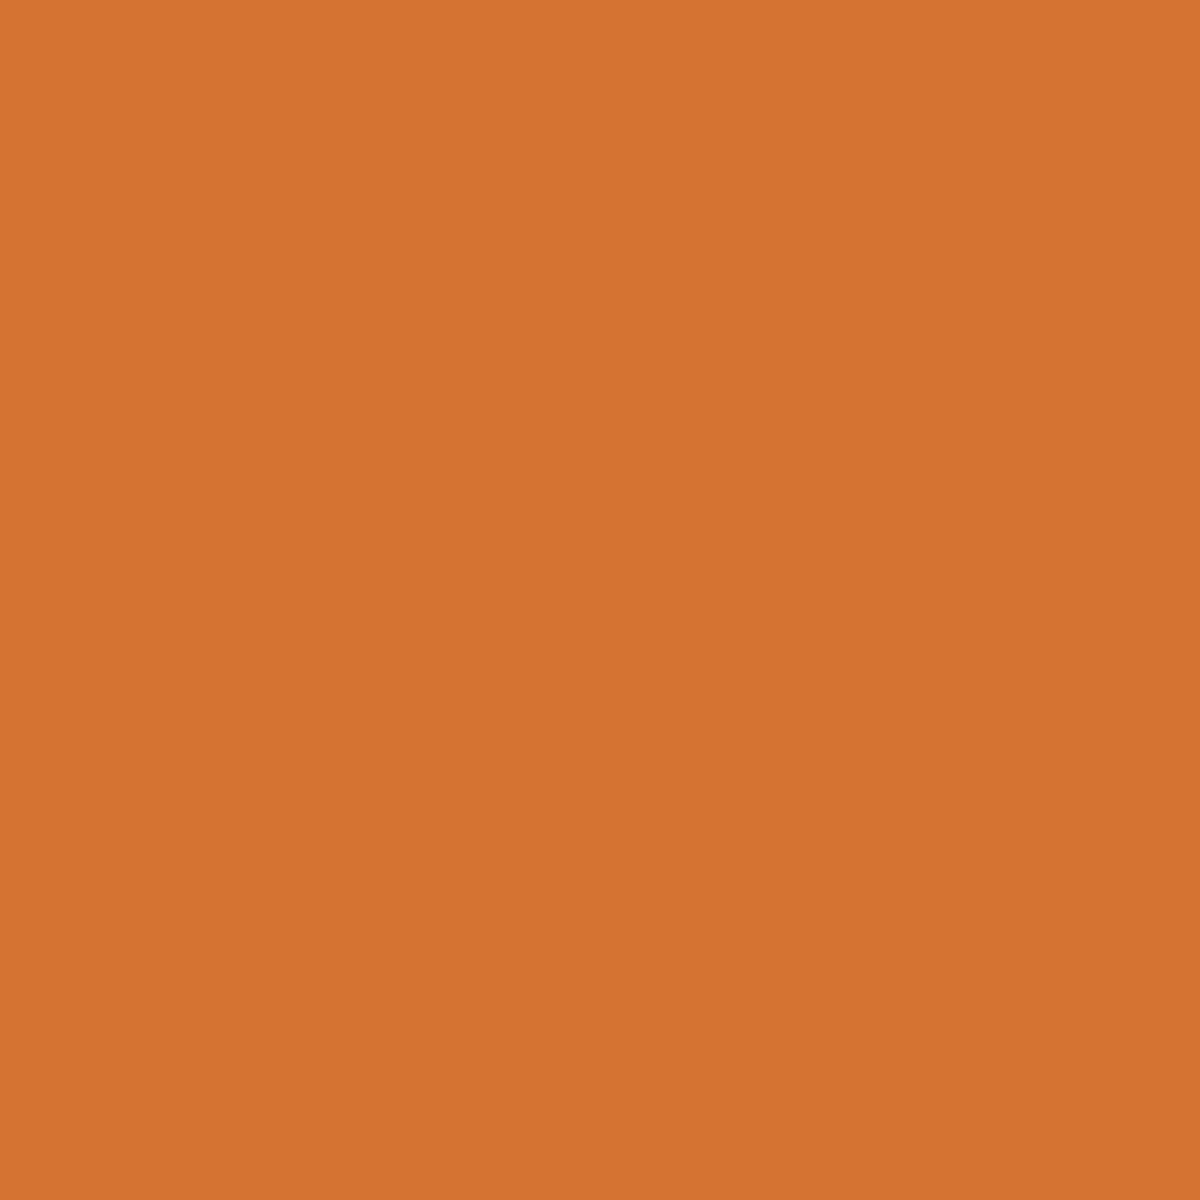 Riley Blake, Confetti Solid Orange